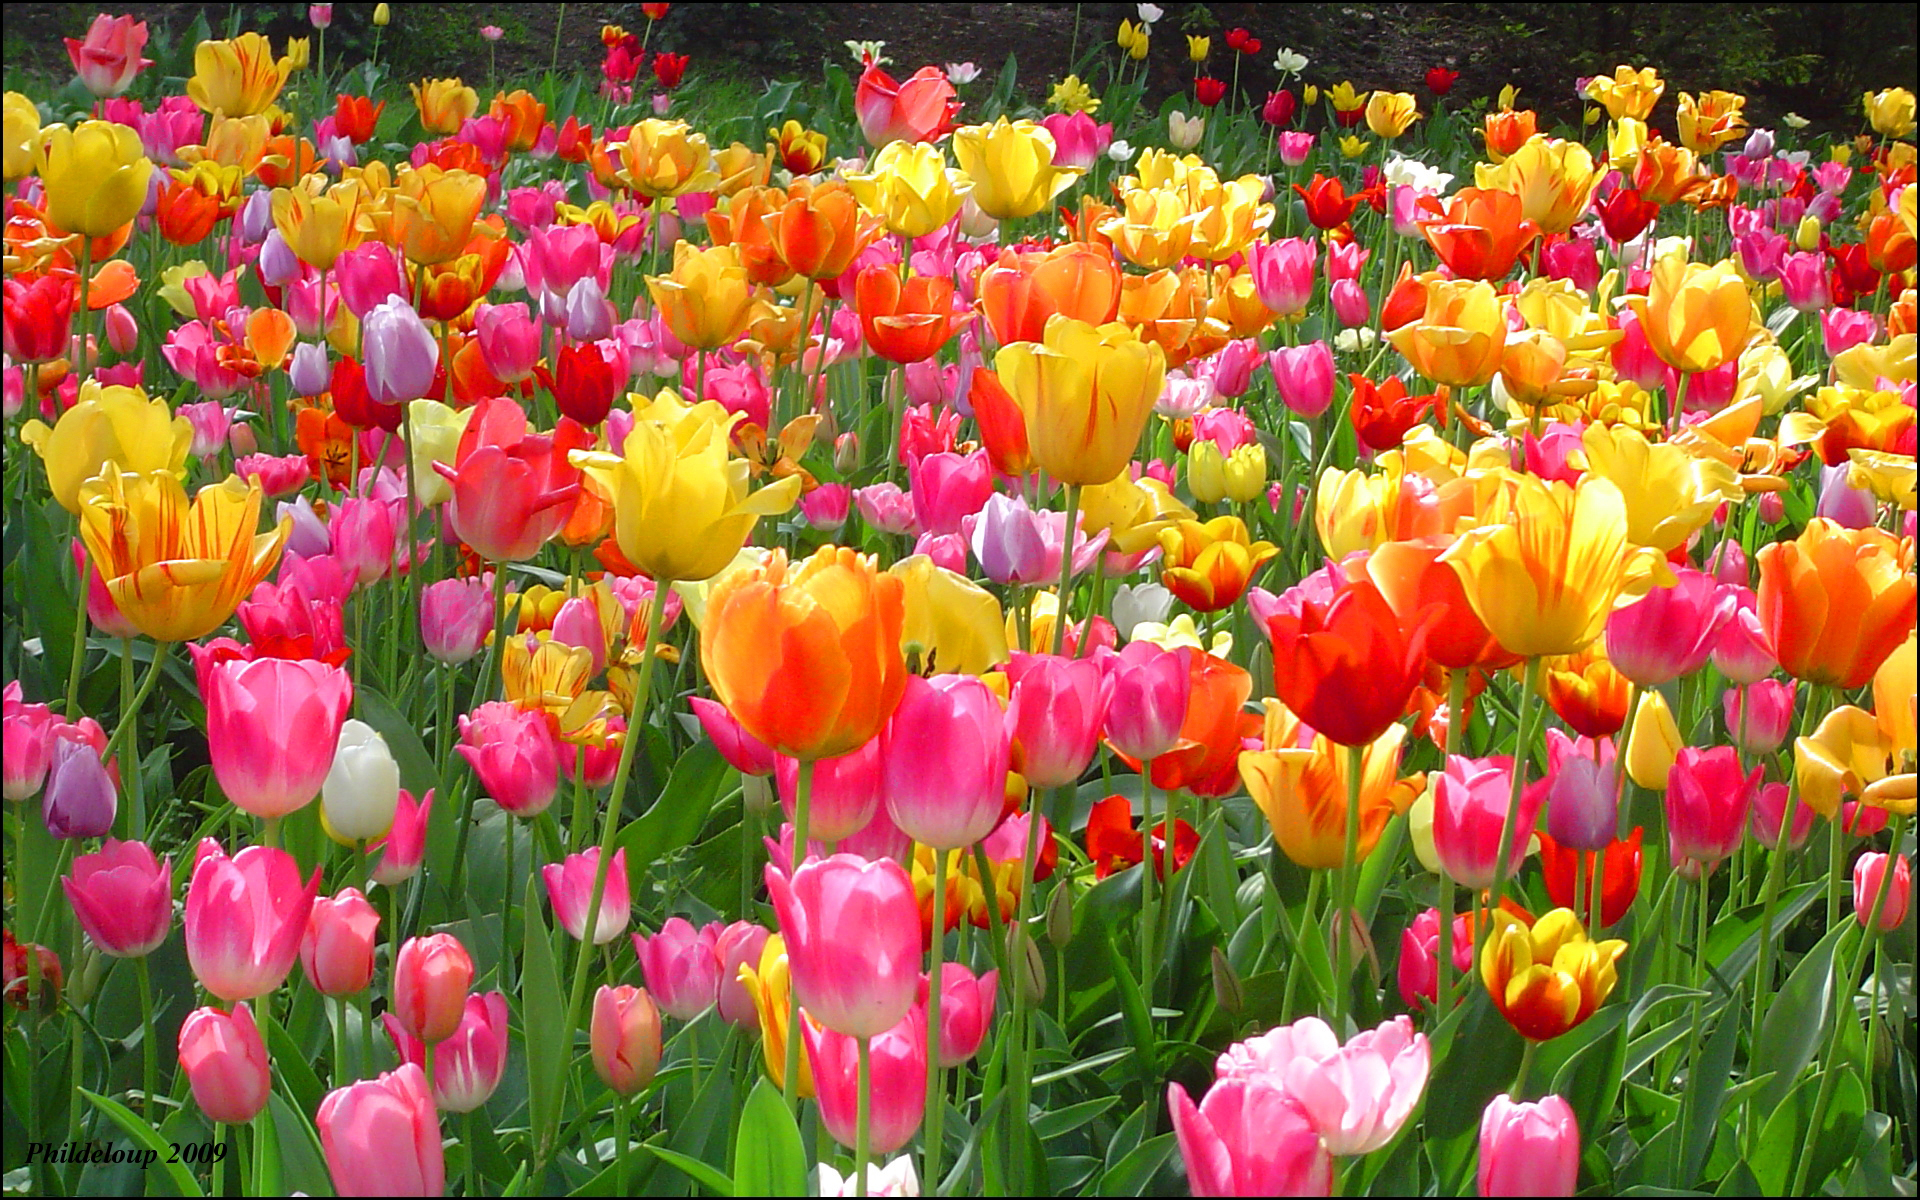 Tulips-tulips-28594078-1920-1200